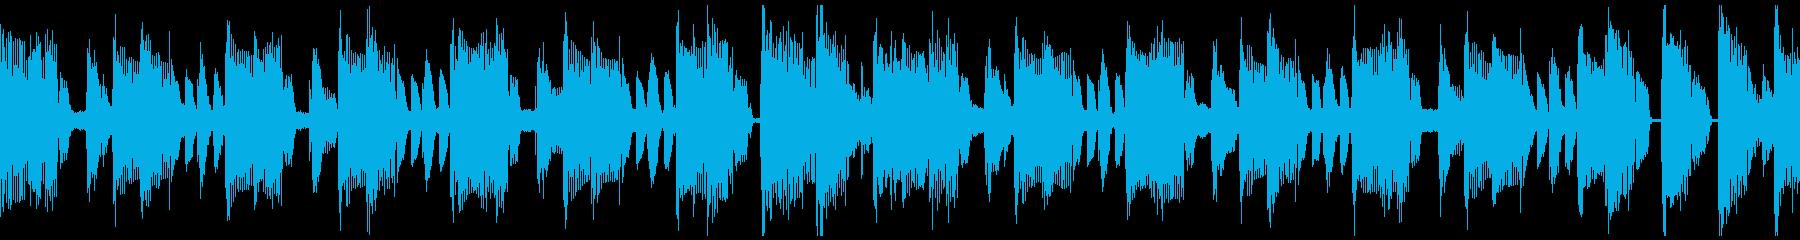 ふざけたような楽しい15秒ループの再生済みの波形